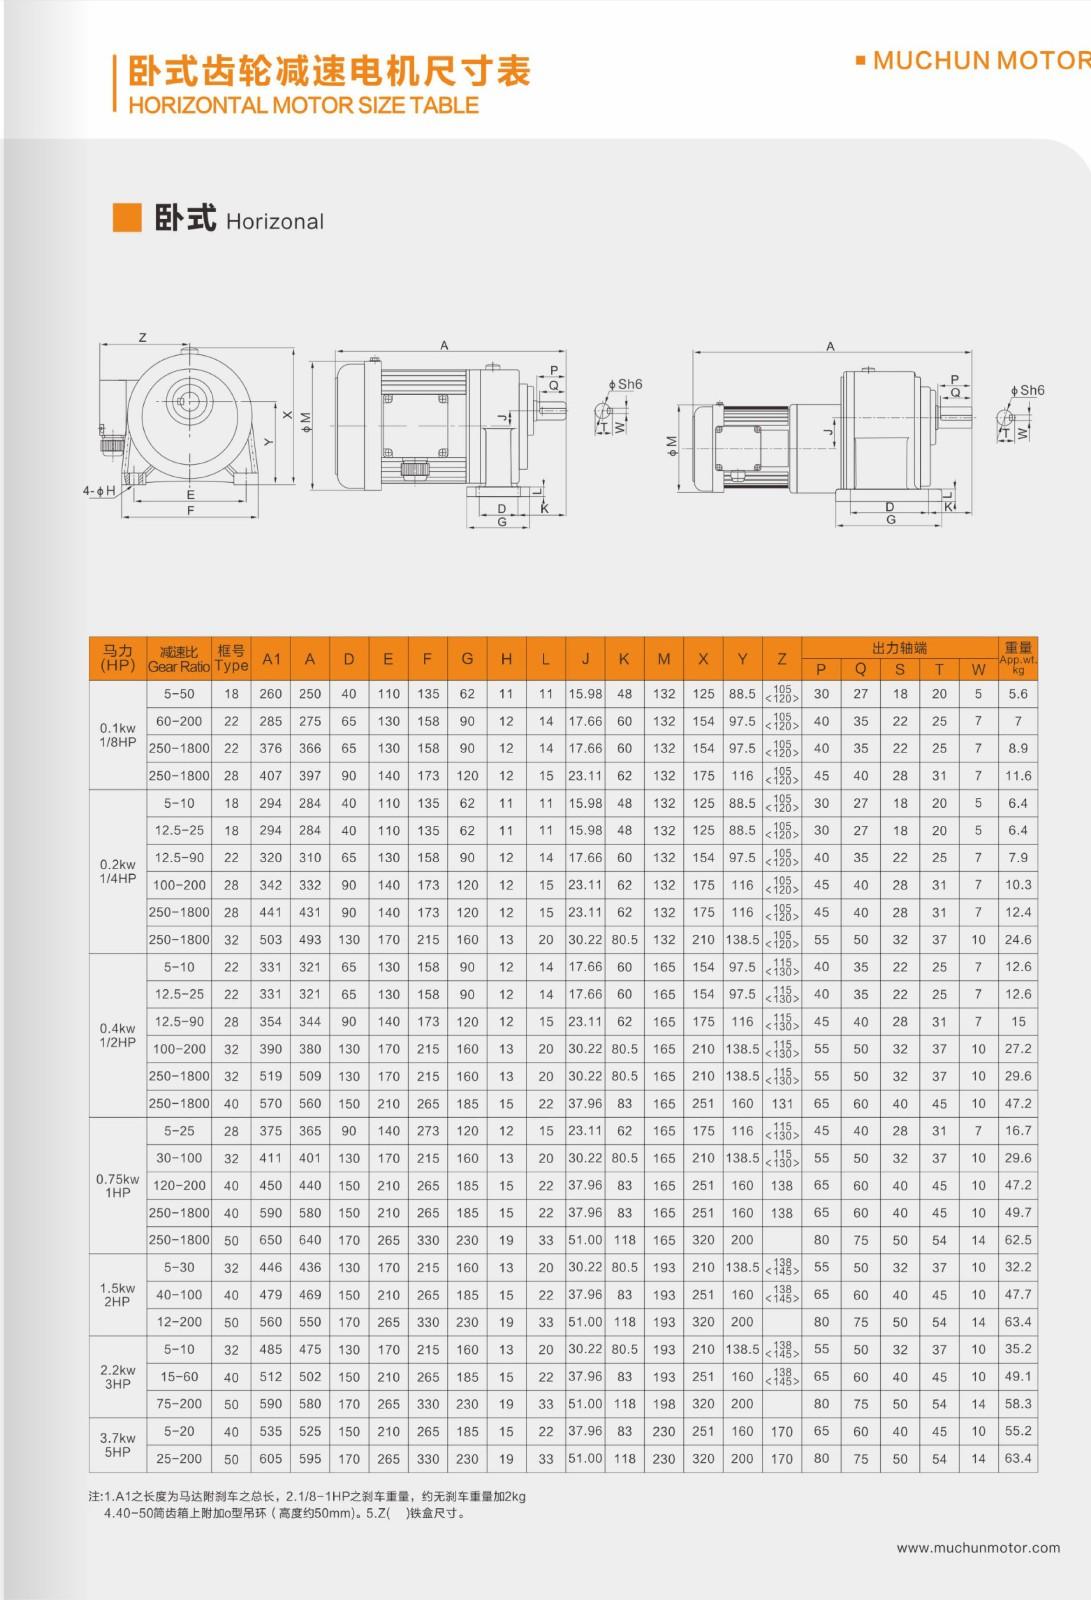 中型齒輪減速電機尺寸圖|技術資料-東莞市木春實業有限公司